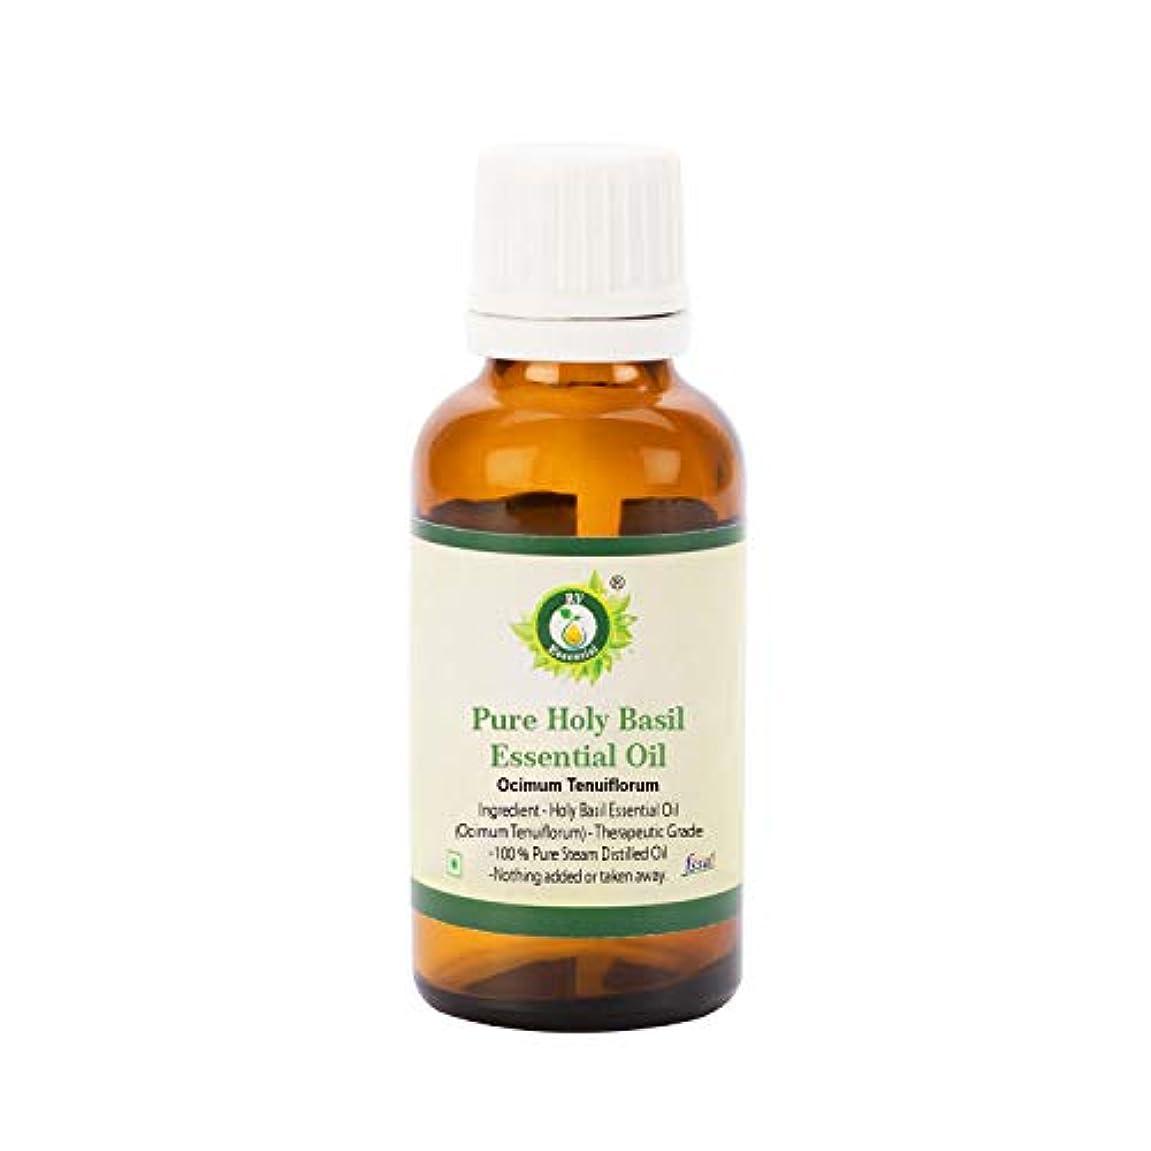 悪のウサギ抱擁R V Essential ピュアホーリーバジルエッセンシャルオイル50ml (1.69oz)- Ocimum Tenuiflorum (100%純粋&天然スチームDistilled) Pure Holy Basil Essential...